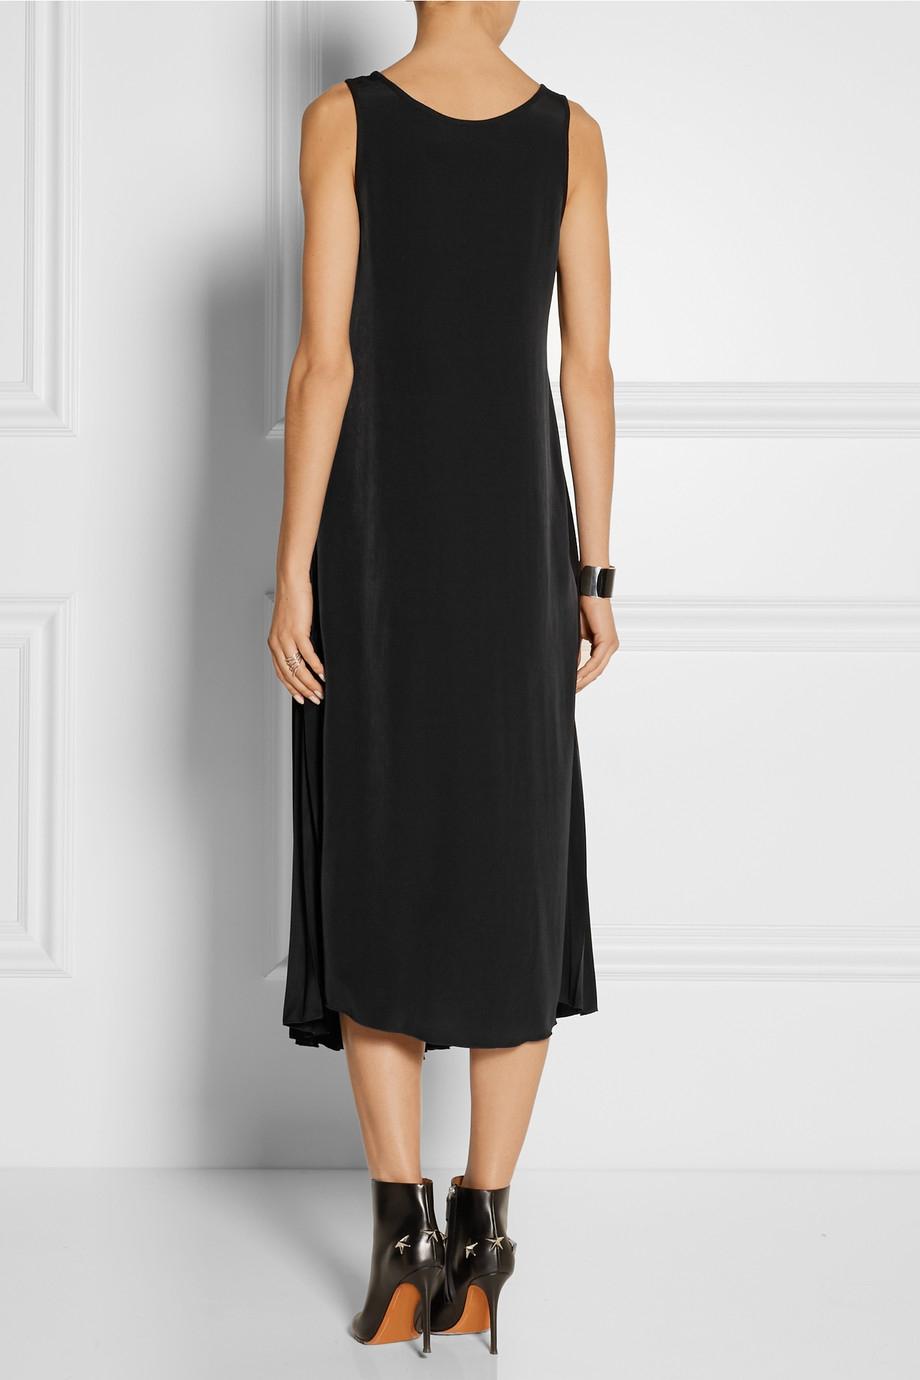 One-shoulder Crepe De Chine Midi Dress - Black Maison Martin Margiela Clearance Low Price ICcRIQbXd